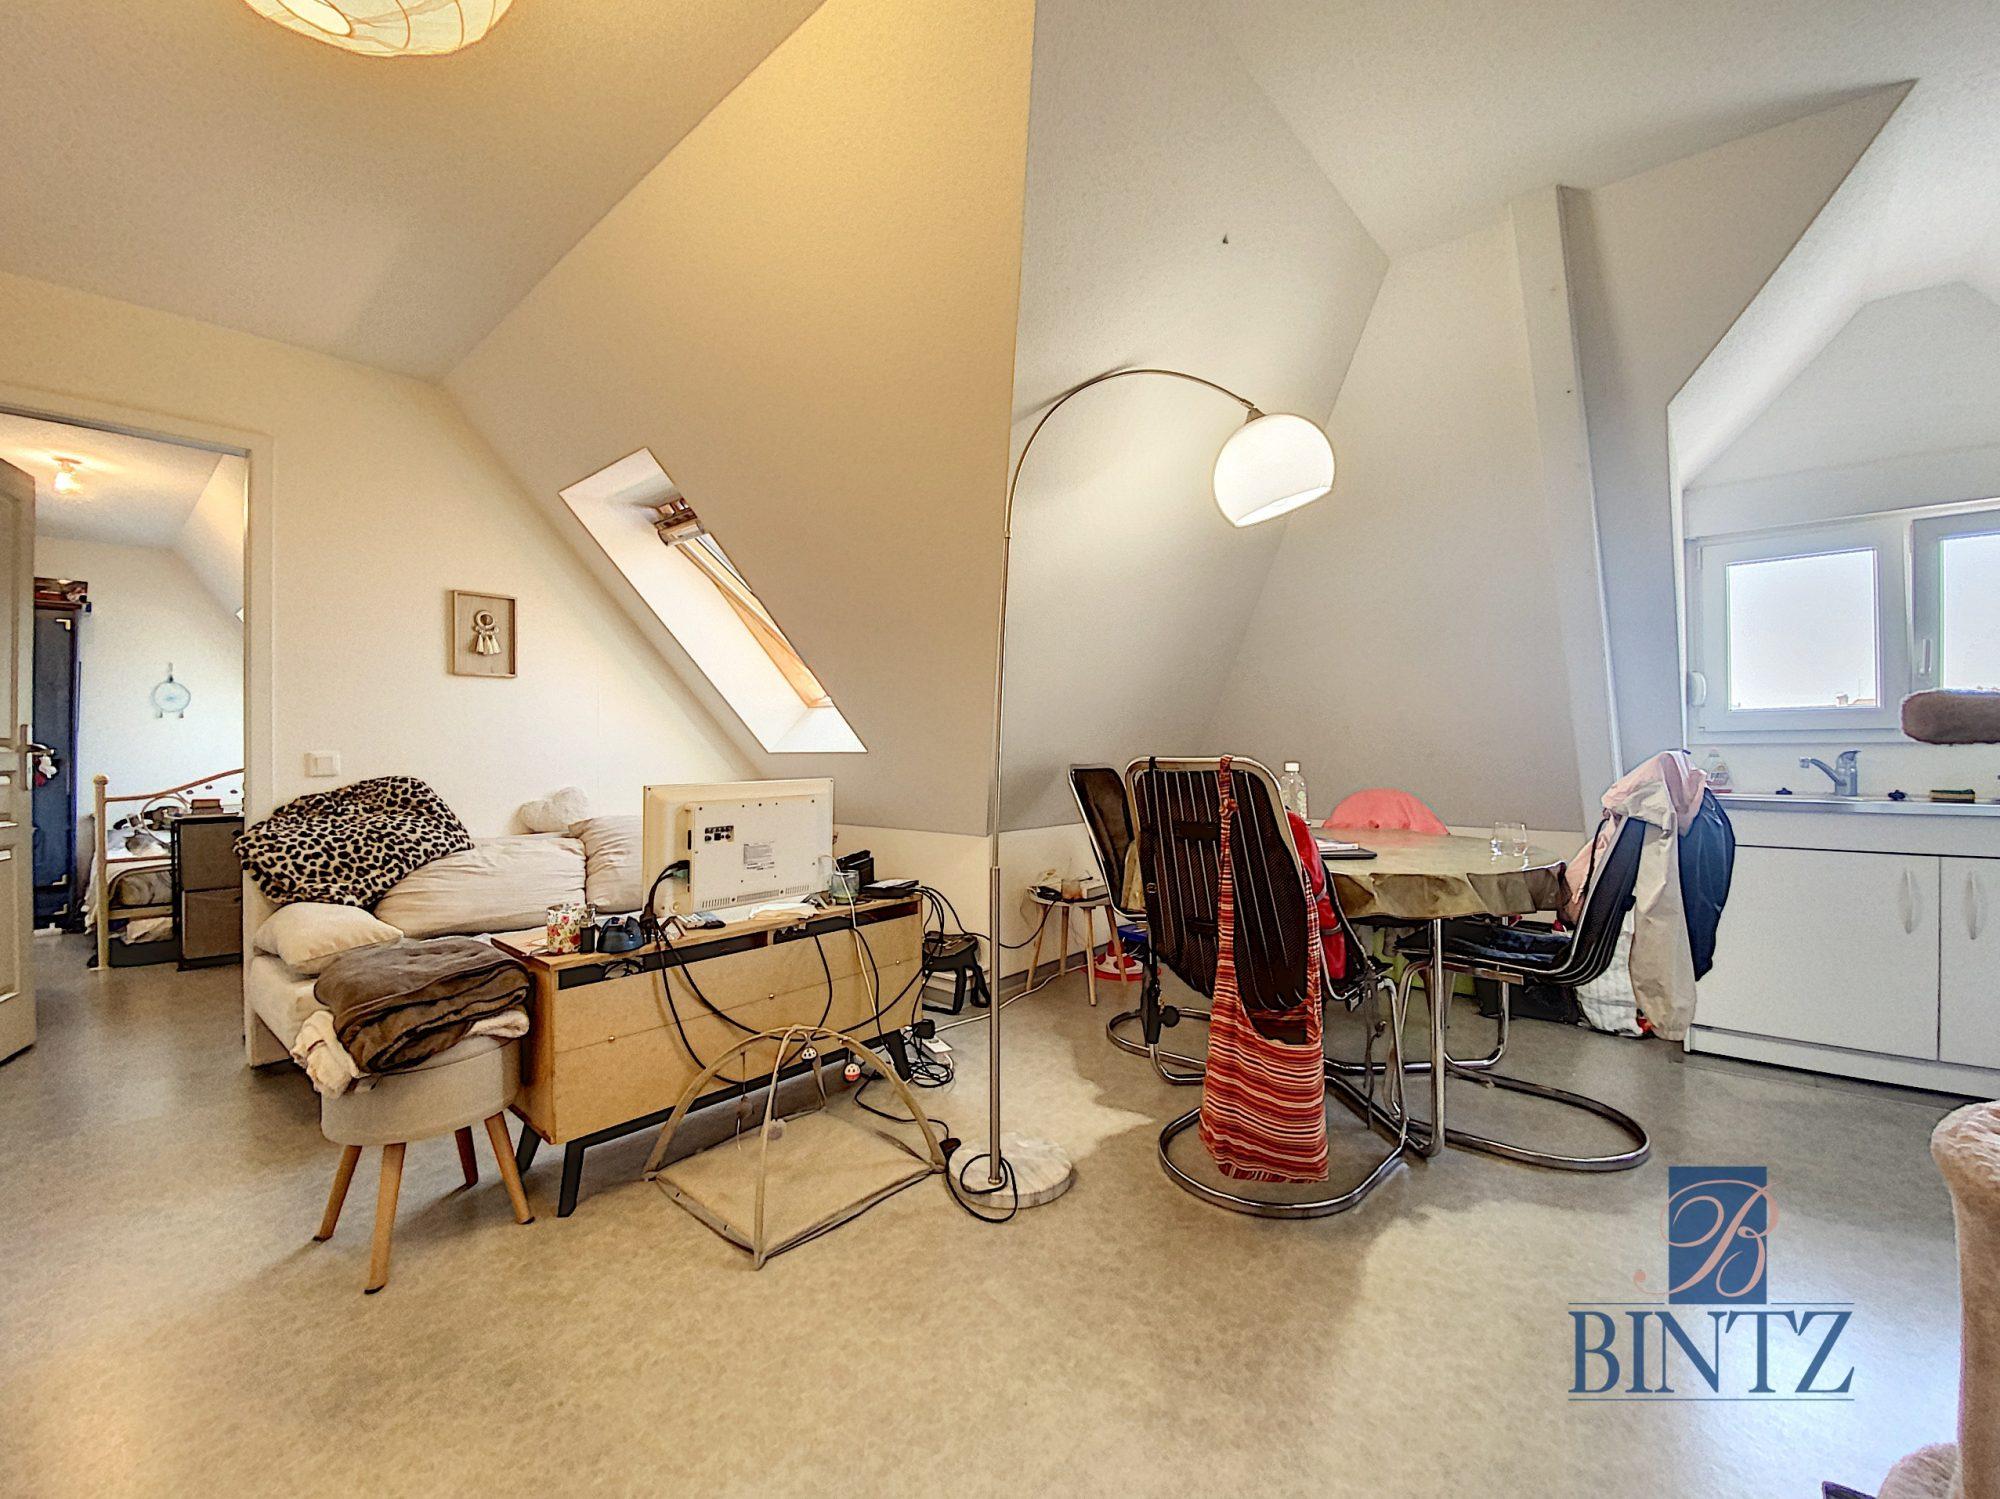 2 PIÈCES AVEC PARKING SCHILTIGHEIM - Devenez propriétaire en toute confiance - Bintz Immobilier - 1